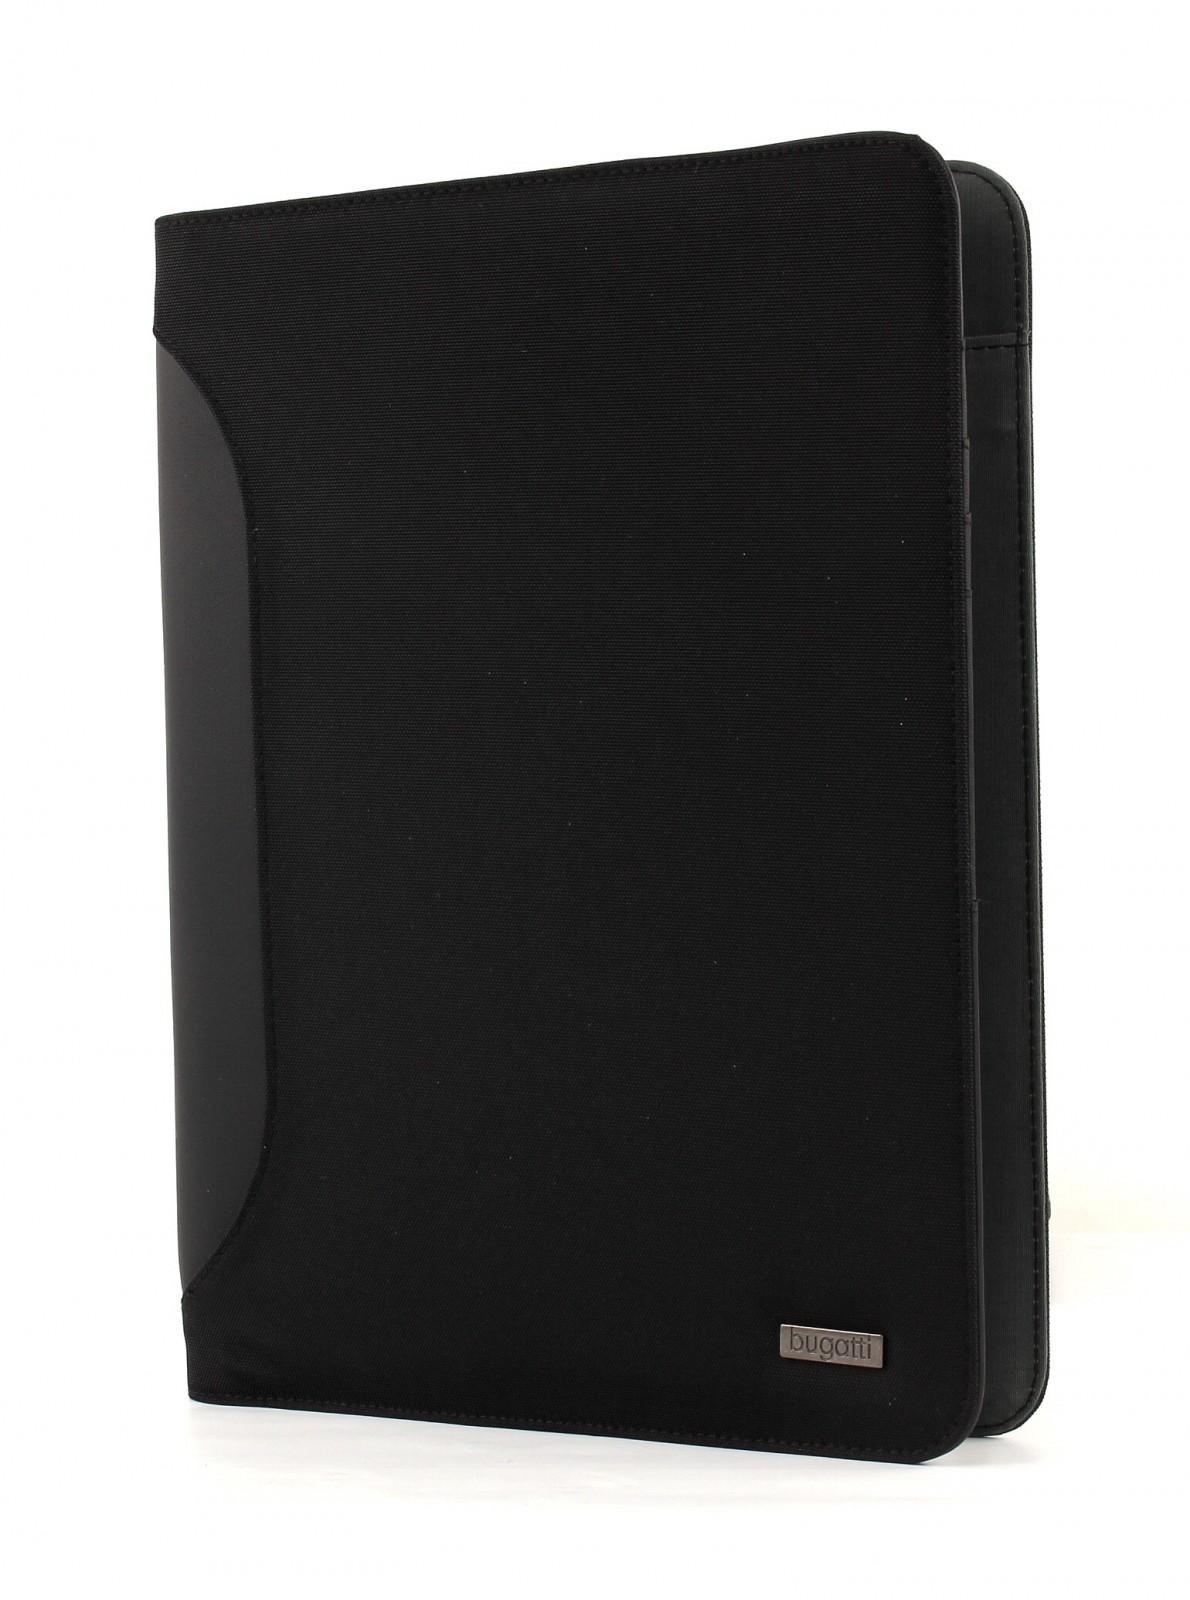 bugatti Ufficio Portfolio A4 Black